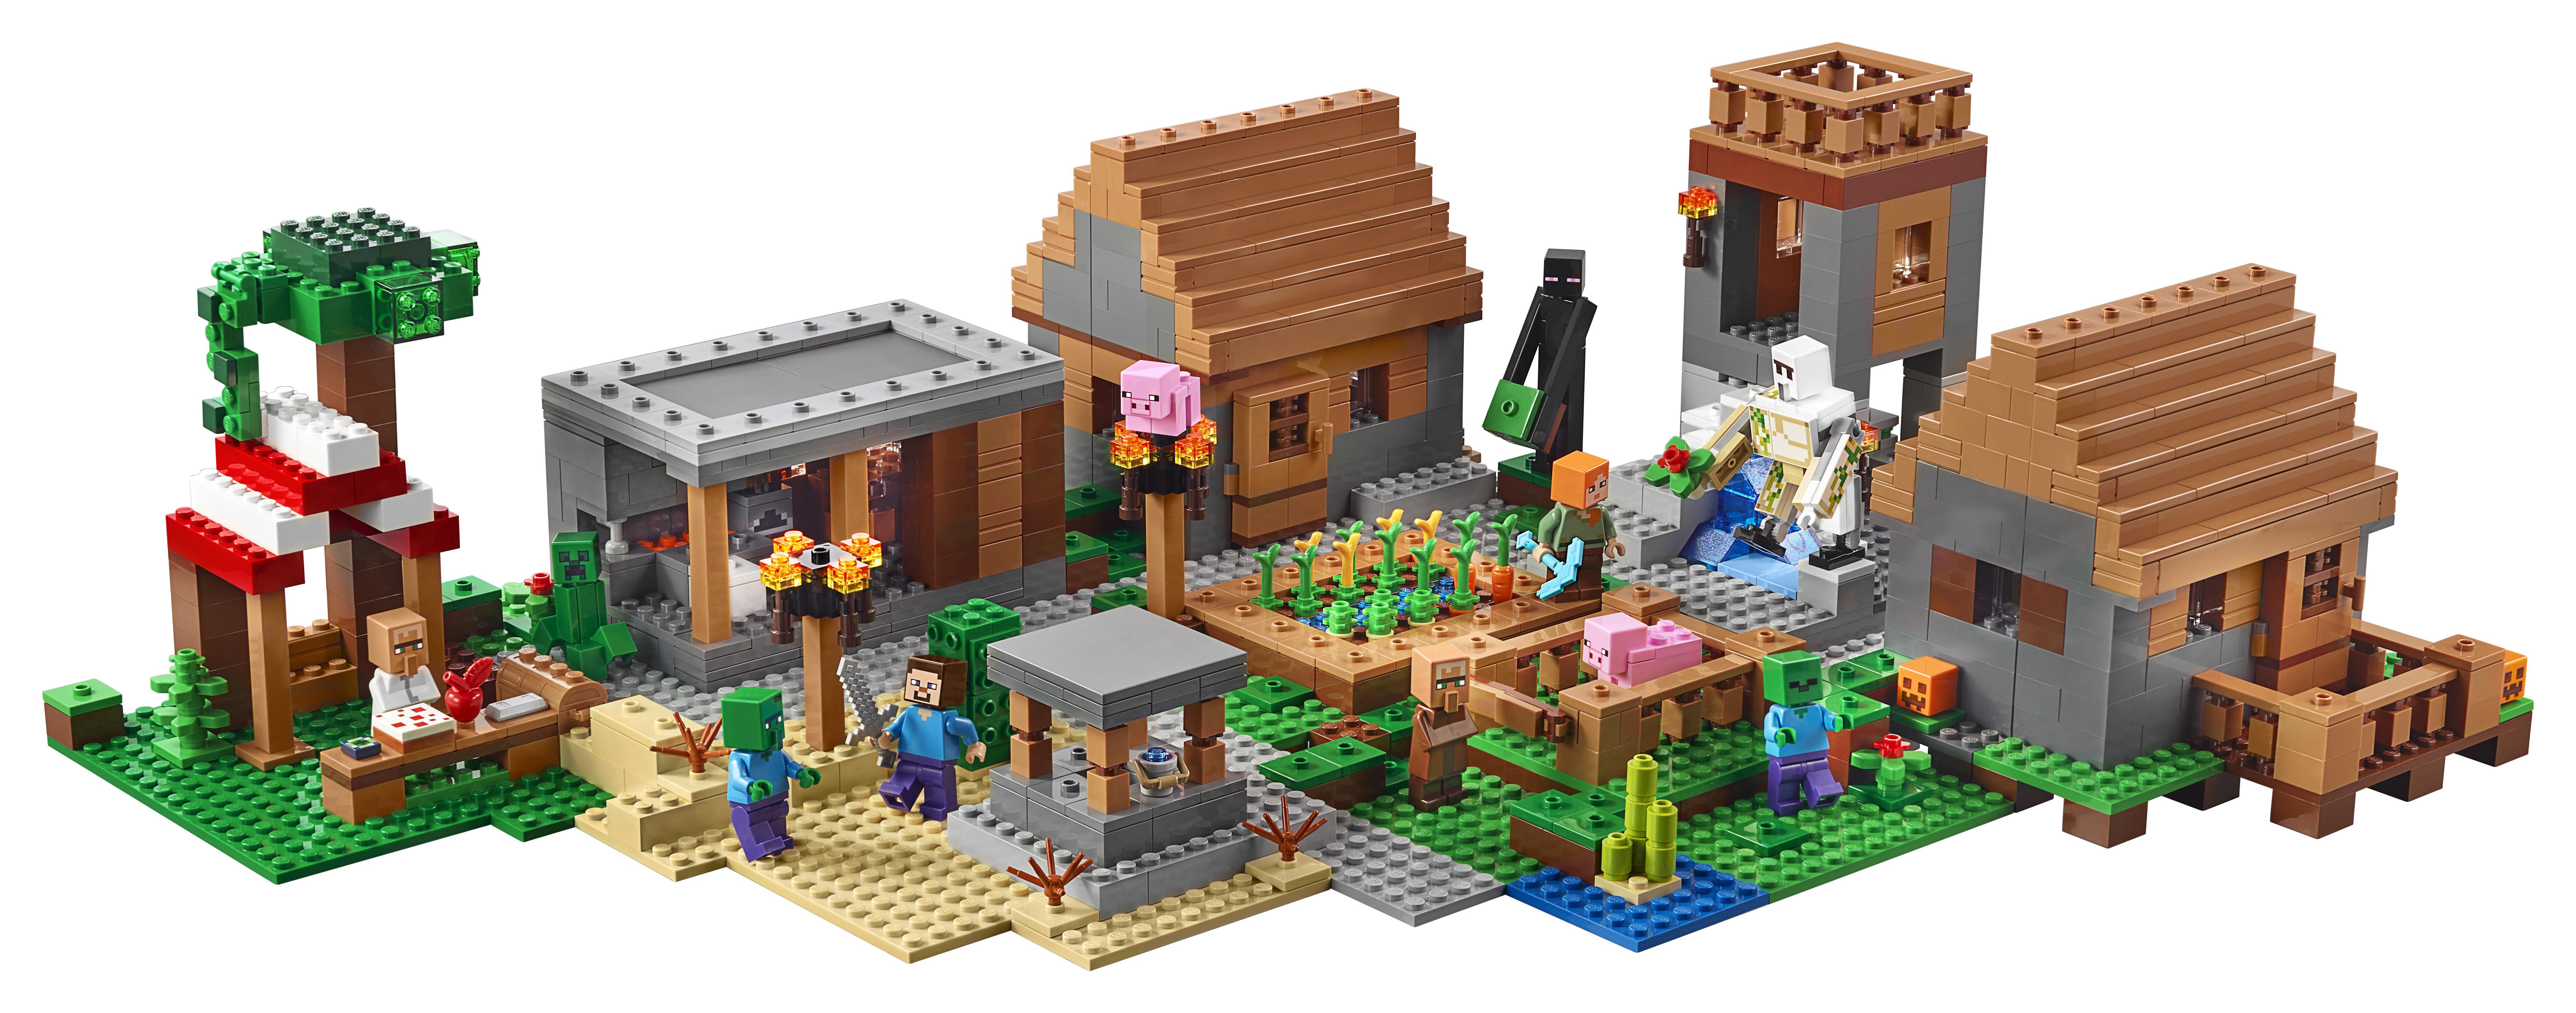 LEGO announces 21128 The Village, the largest Minecraft set